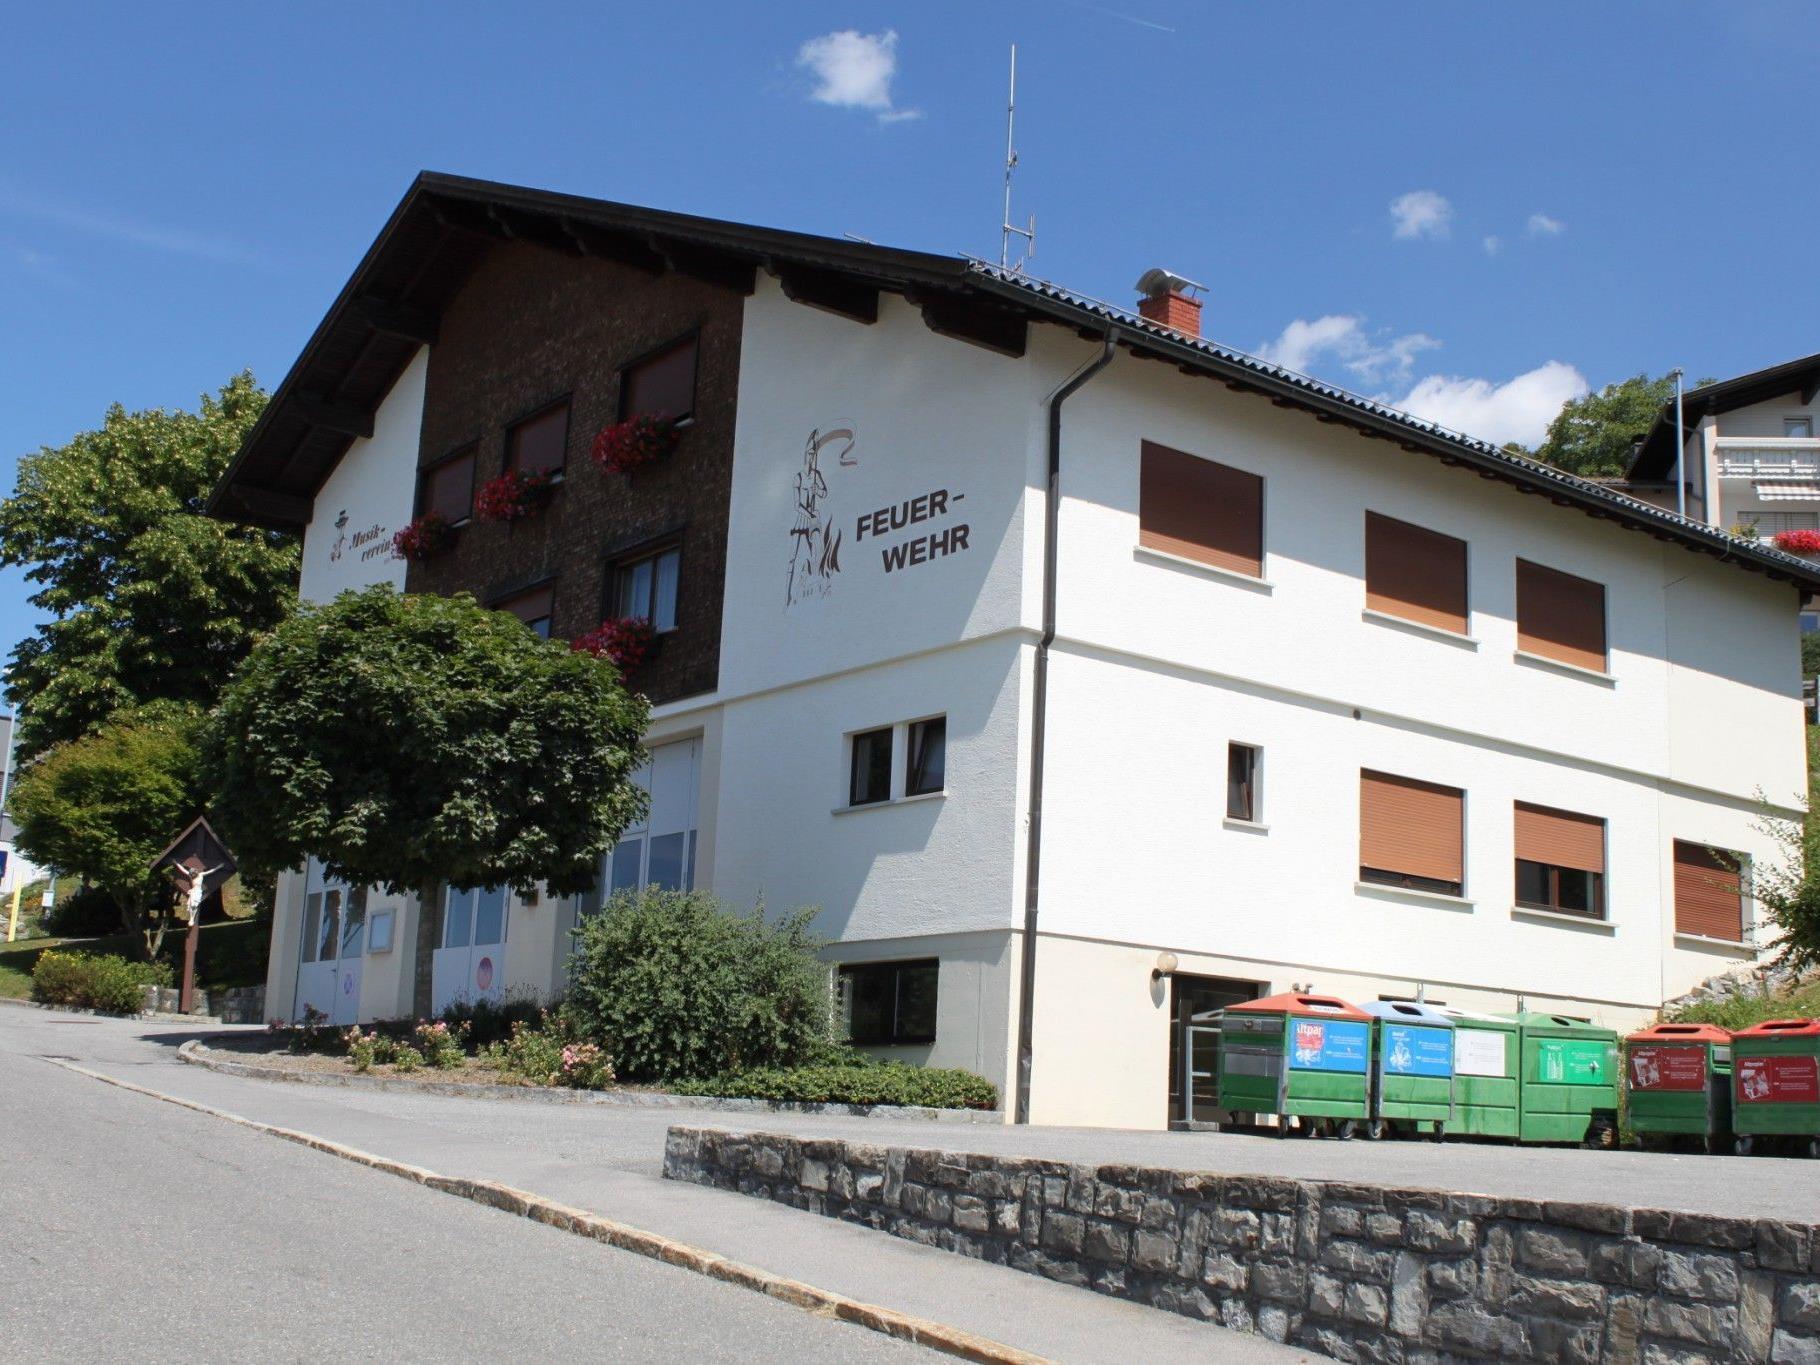 Bewirtung beim Feuerwehrhaus Viktorsberg im Rahmen des Alpabtriebs am 14.9.